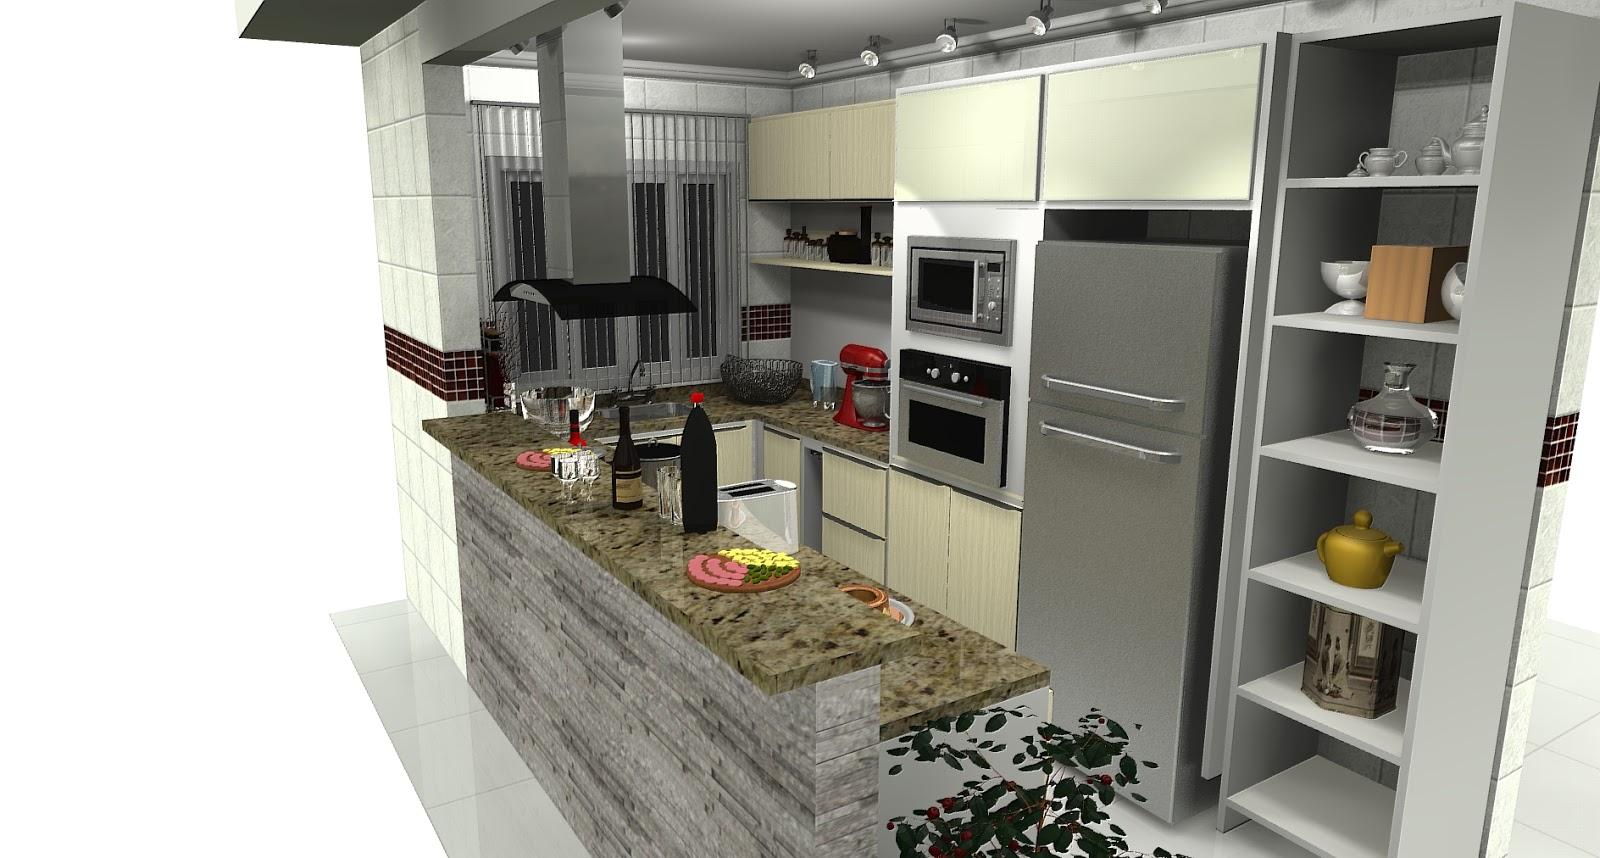 For Fotos De Cozinhas Conjugadas Copa E Cozinha Projetos Pelautscom #8F6E3C 1600 858